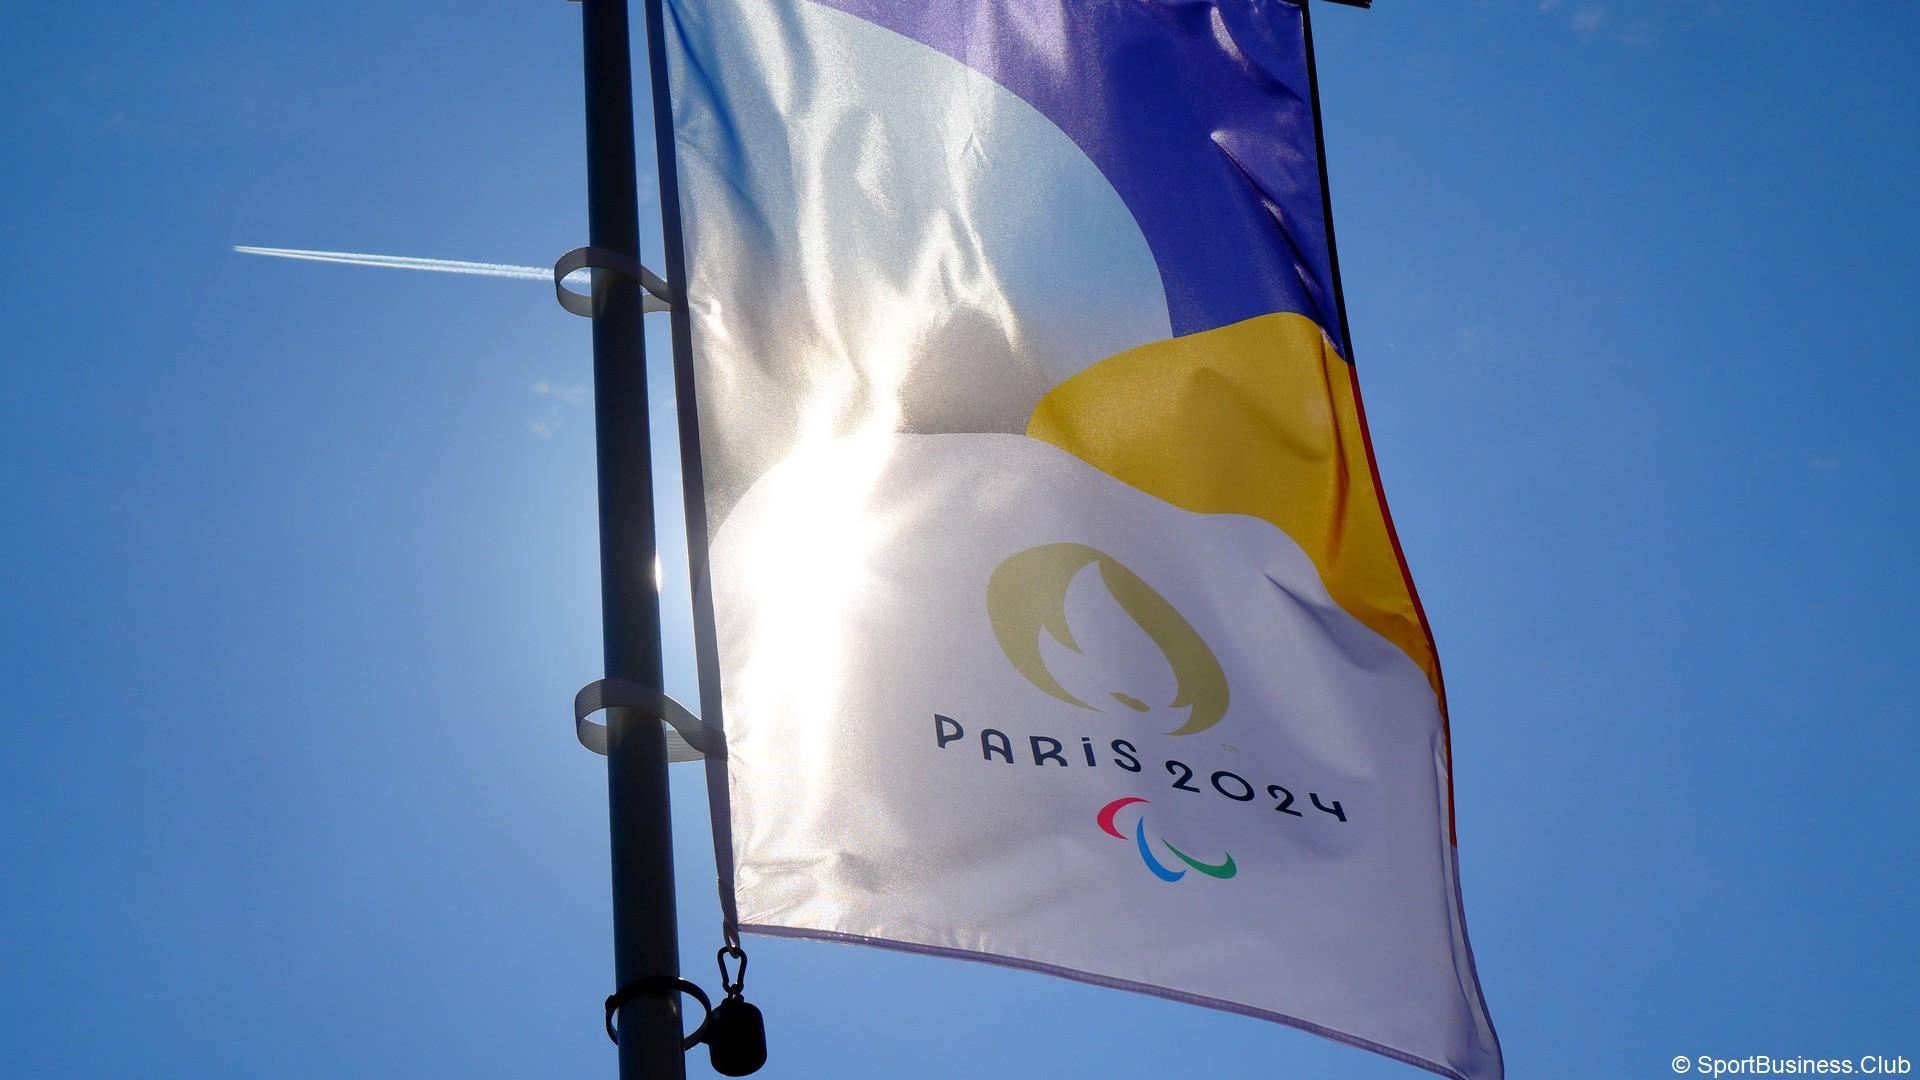 Paris 2024 (7) Paralympiques drapeau